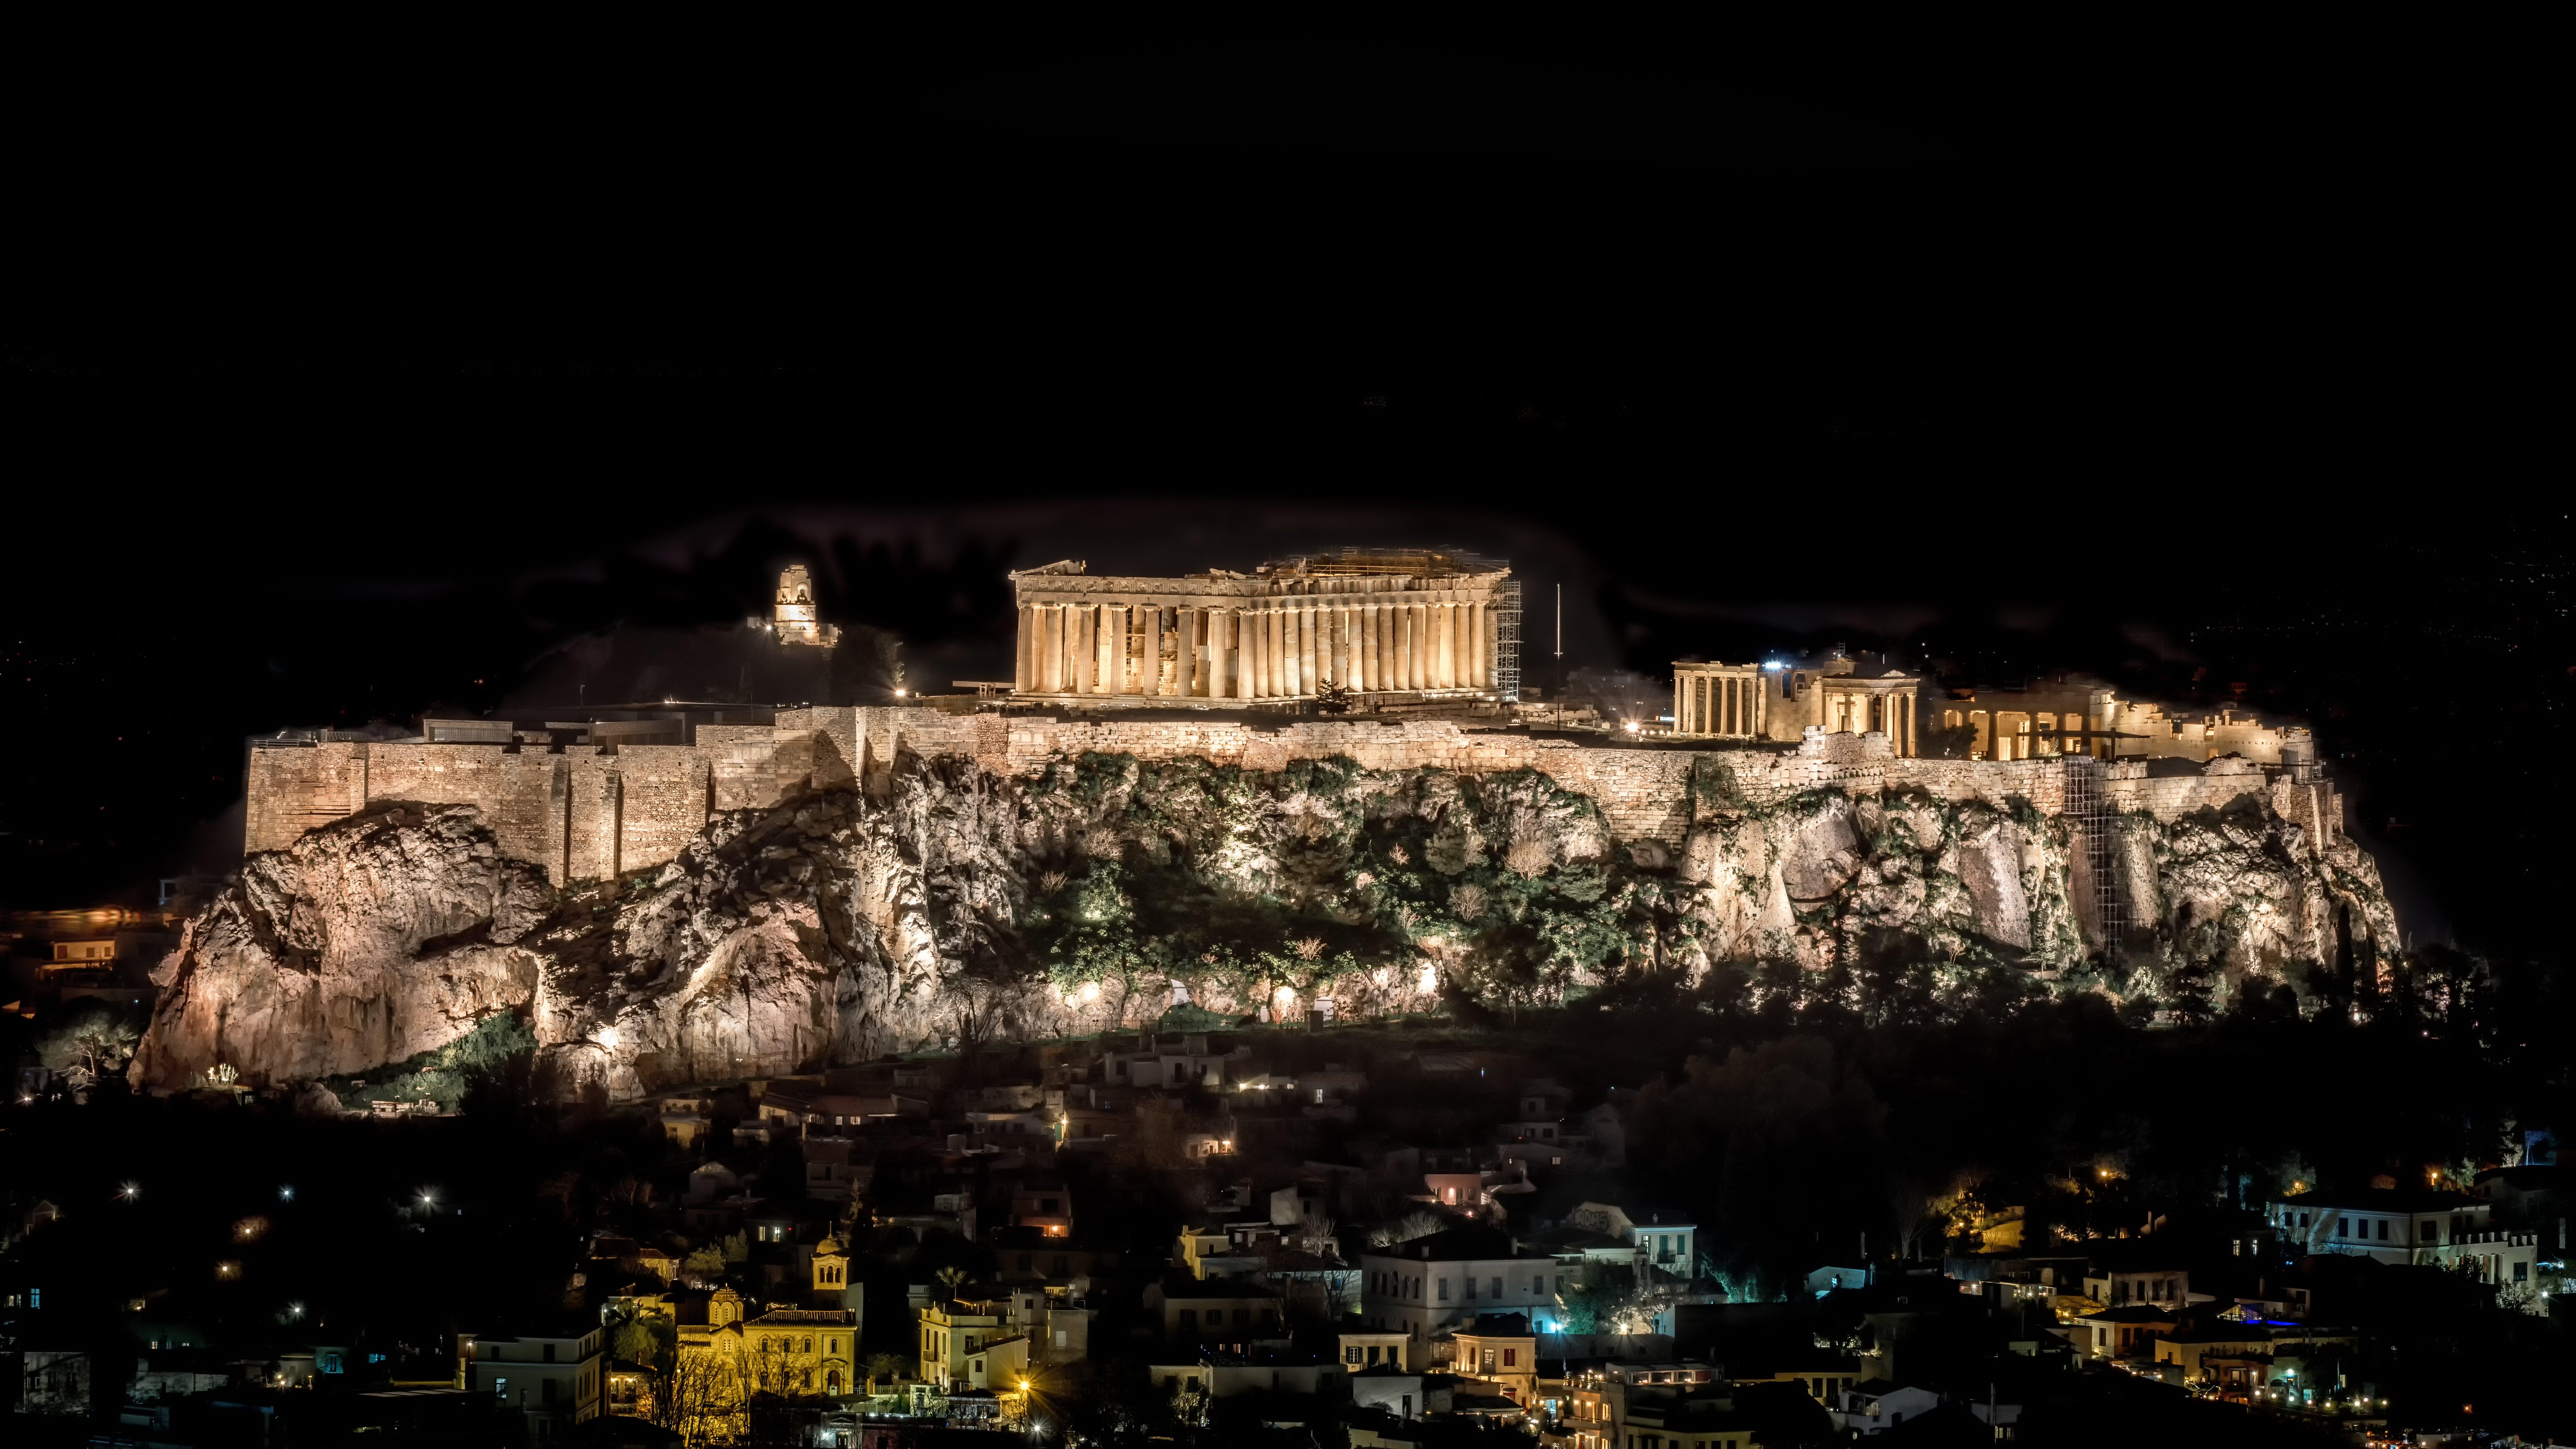 古老的, 夜景, 夜間攝影, 寺廟 的 免費圖庫相片